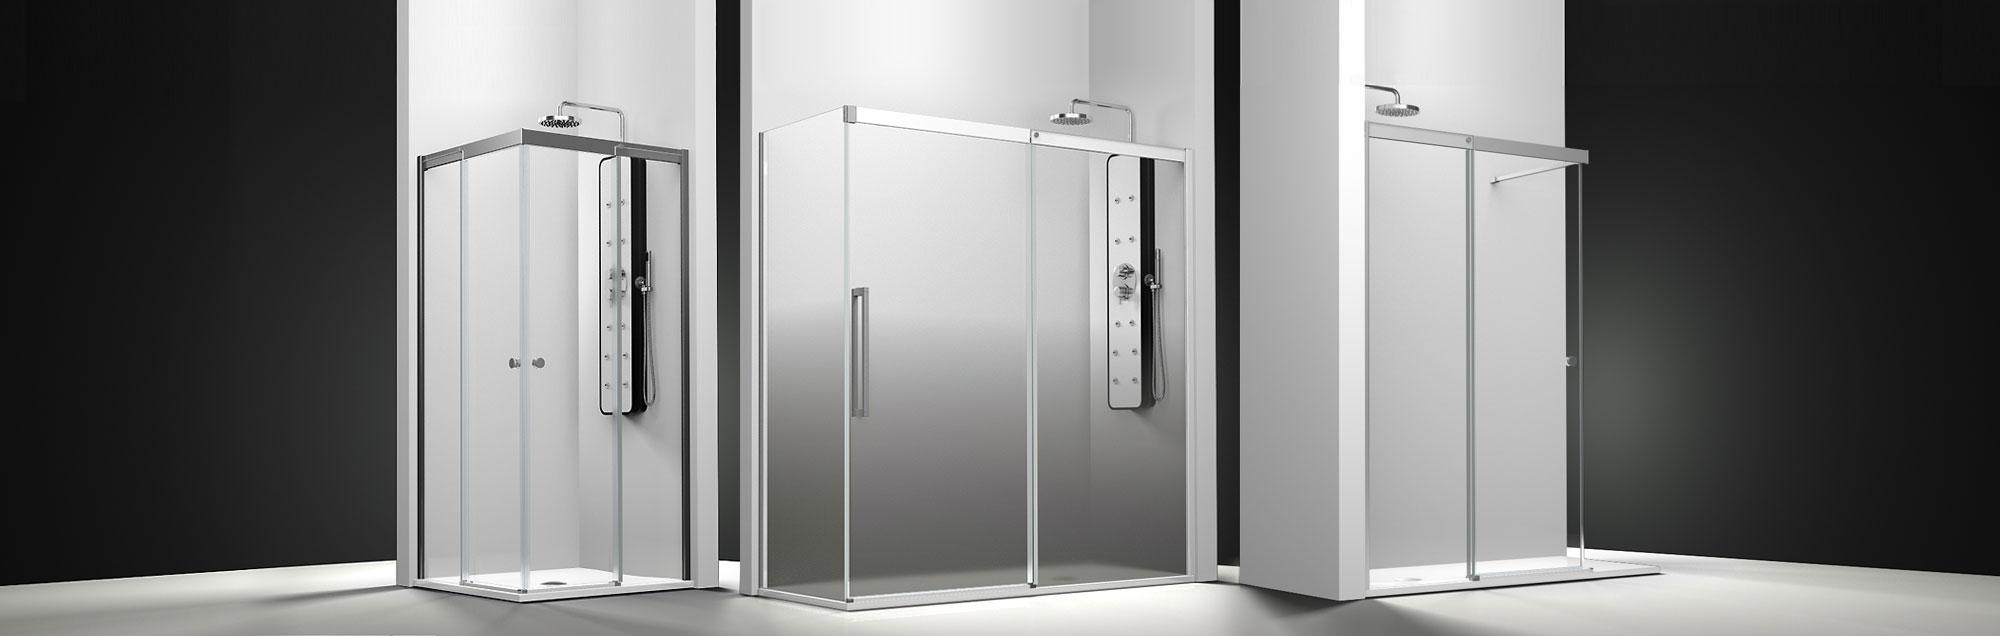 Série Smart Vita parois de baignoire coulissantes sur mesure